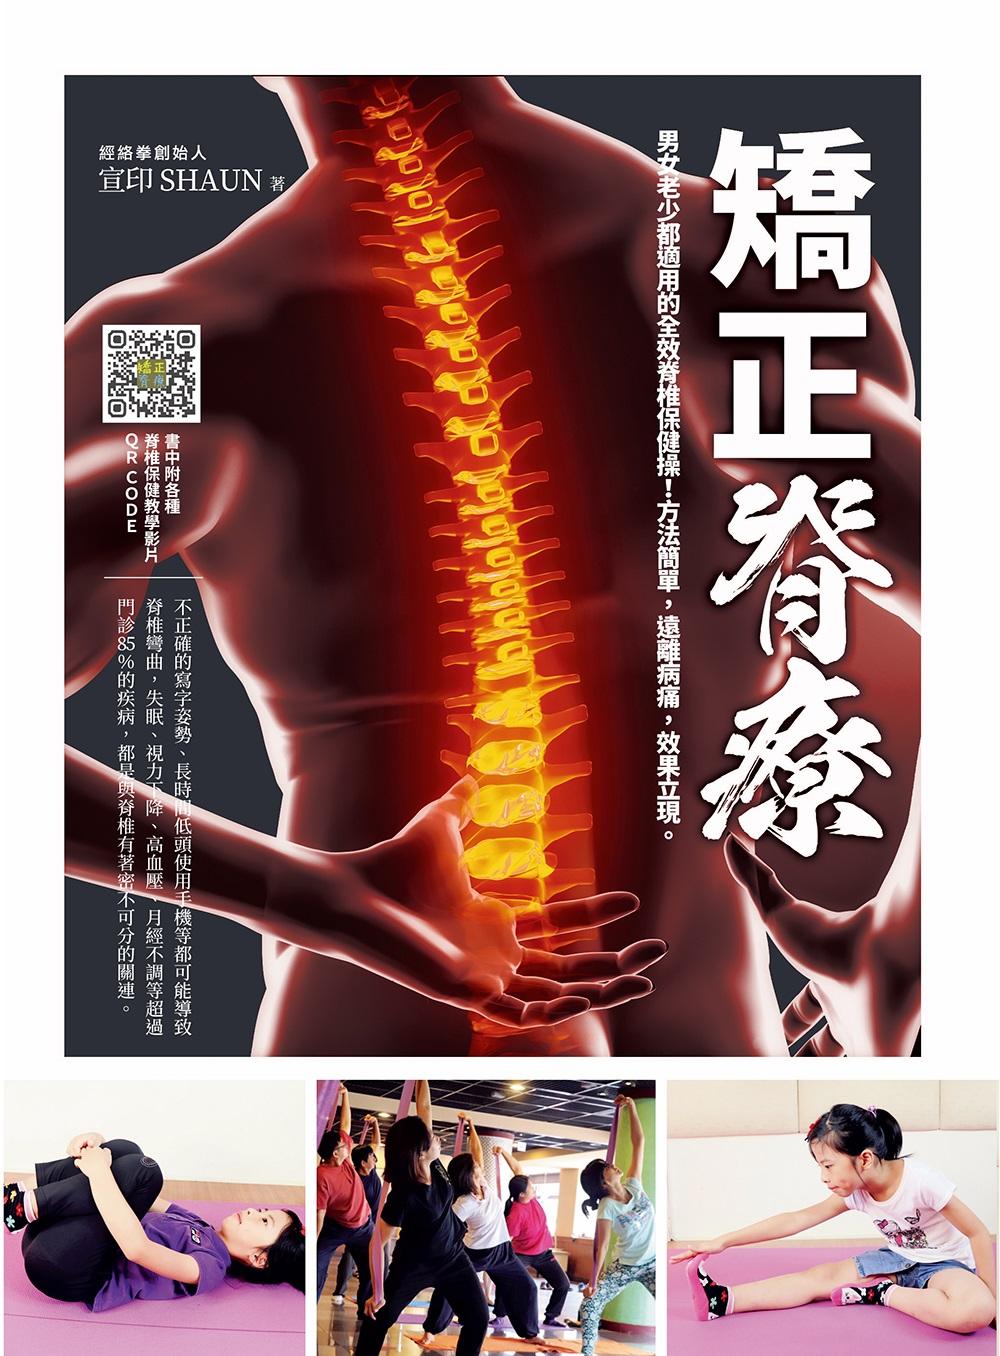 矯正脊療:男女老少都適用的全效脊椎保健操!方法簡單,遠離病痛,效果立現。